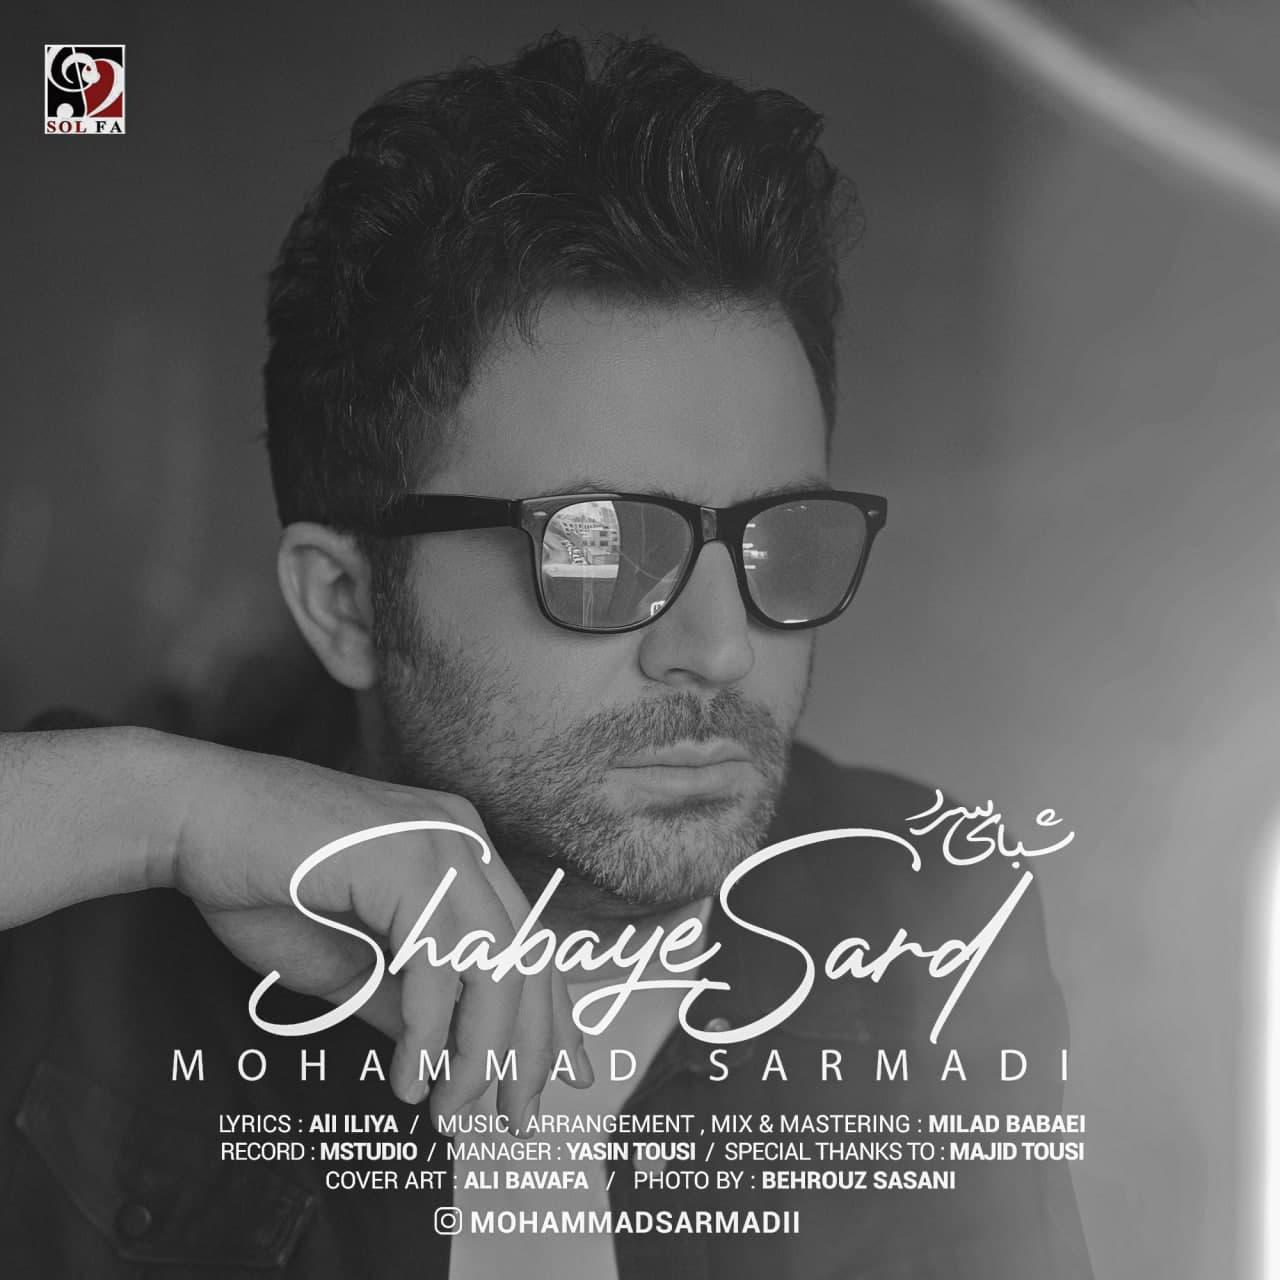 Download Ahang محمد سرمدی شبای سرد